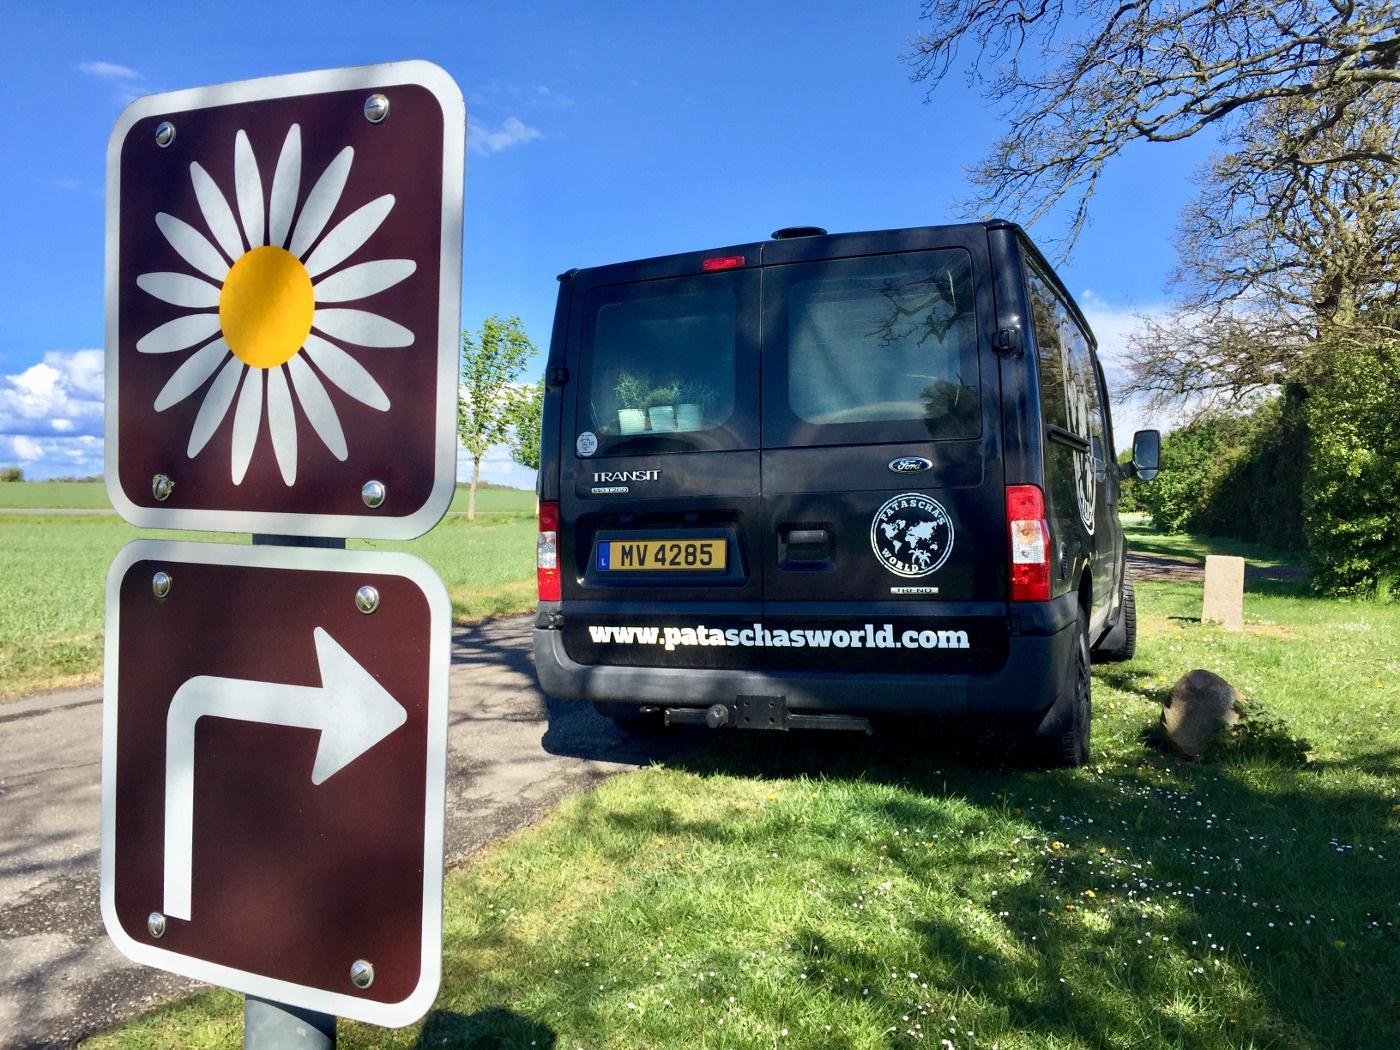 Patascha Dänemark Roadtrip Visit Denmark Lolland Falster Margeritenroute Wohnmobil Ferienstrasse Camping Stellplatz Museum Sehenswürdigkeiten